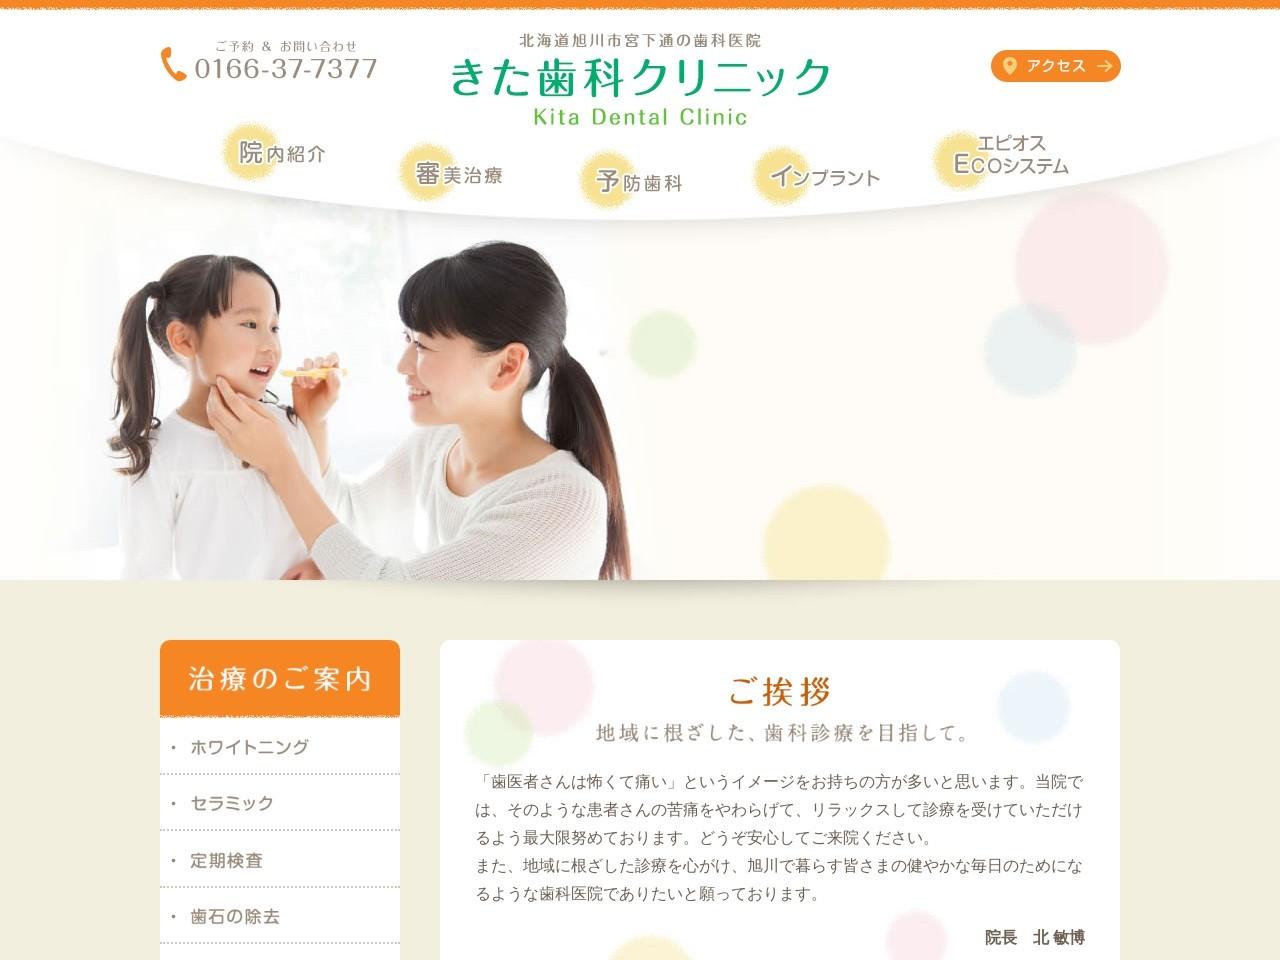 きた歯科クリニック (北海道旭川市)